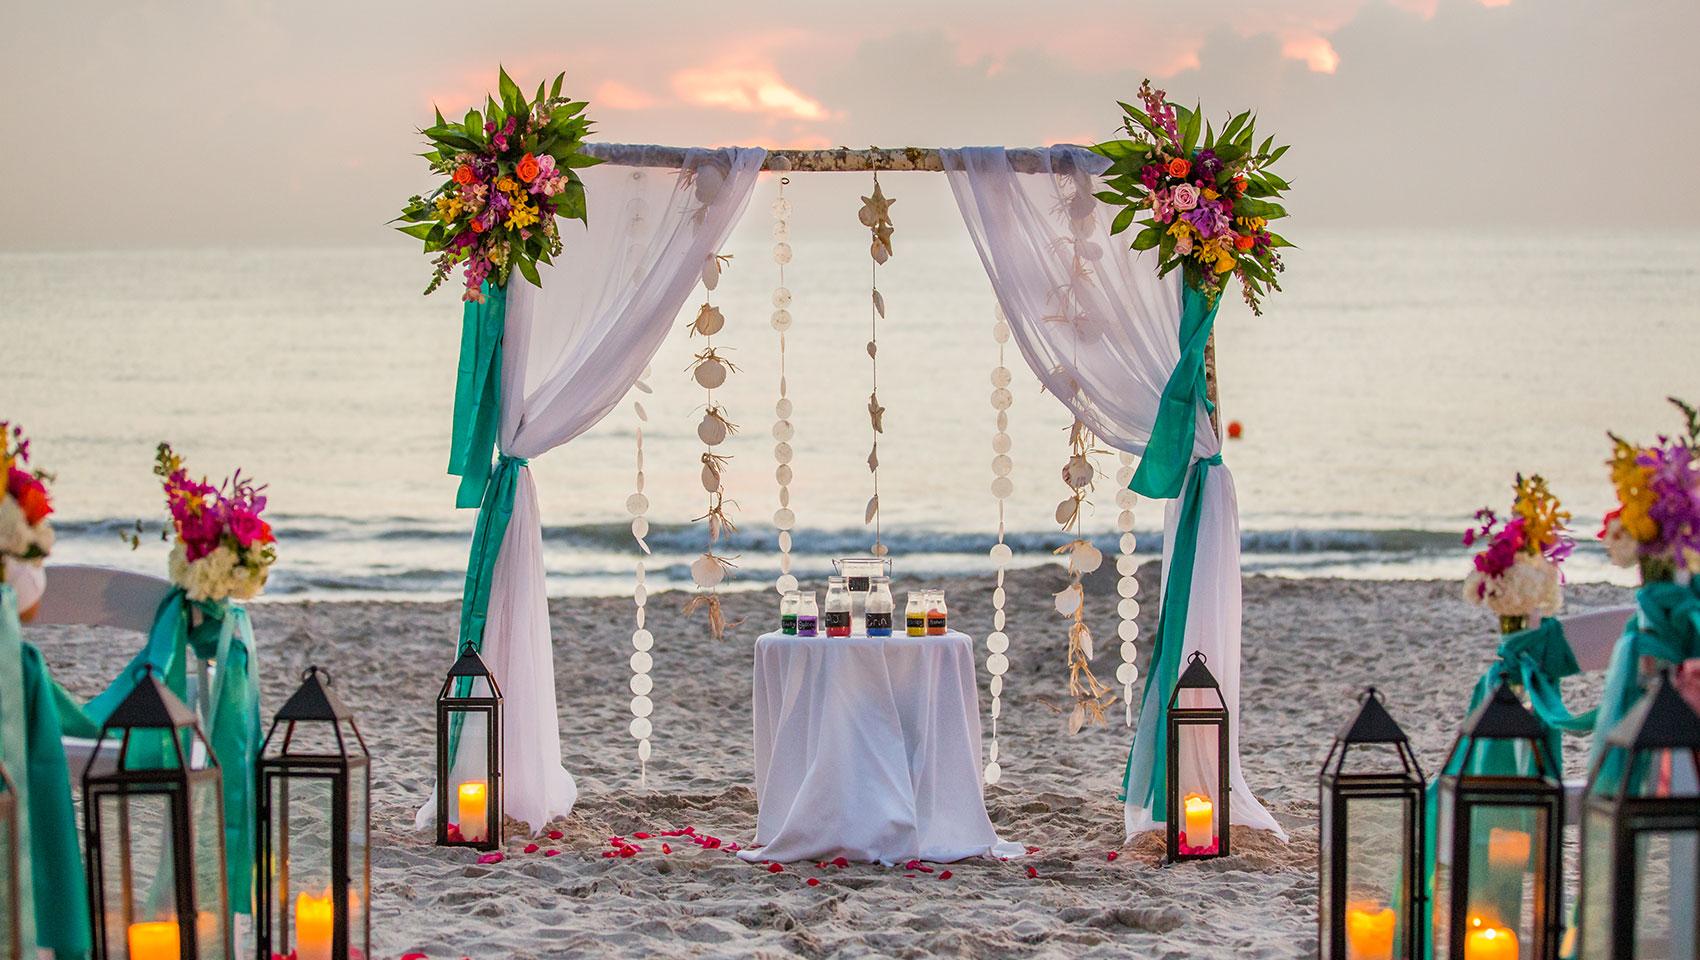 Vero Beach Wedding Venues Kimpton Vero Beach Hotel Spa